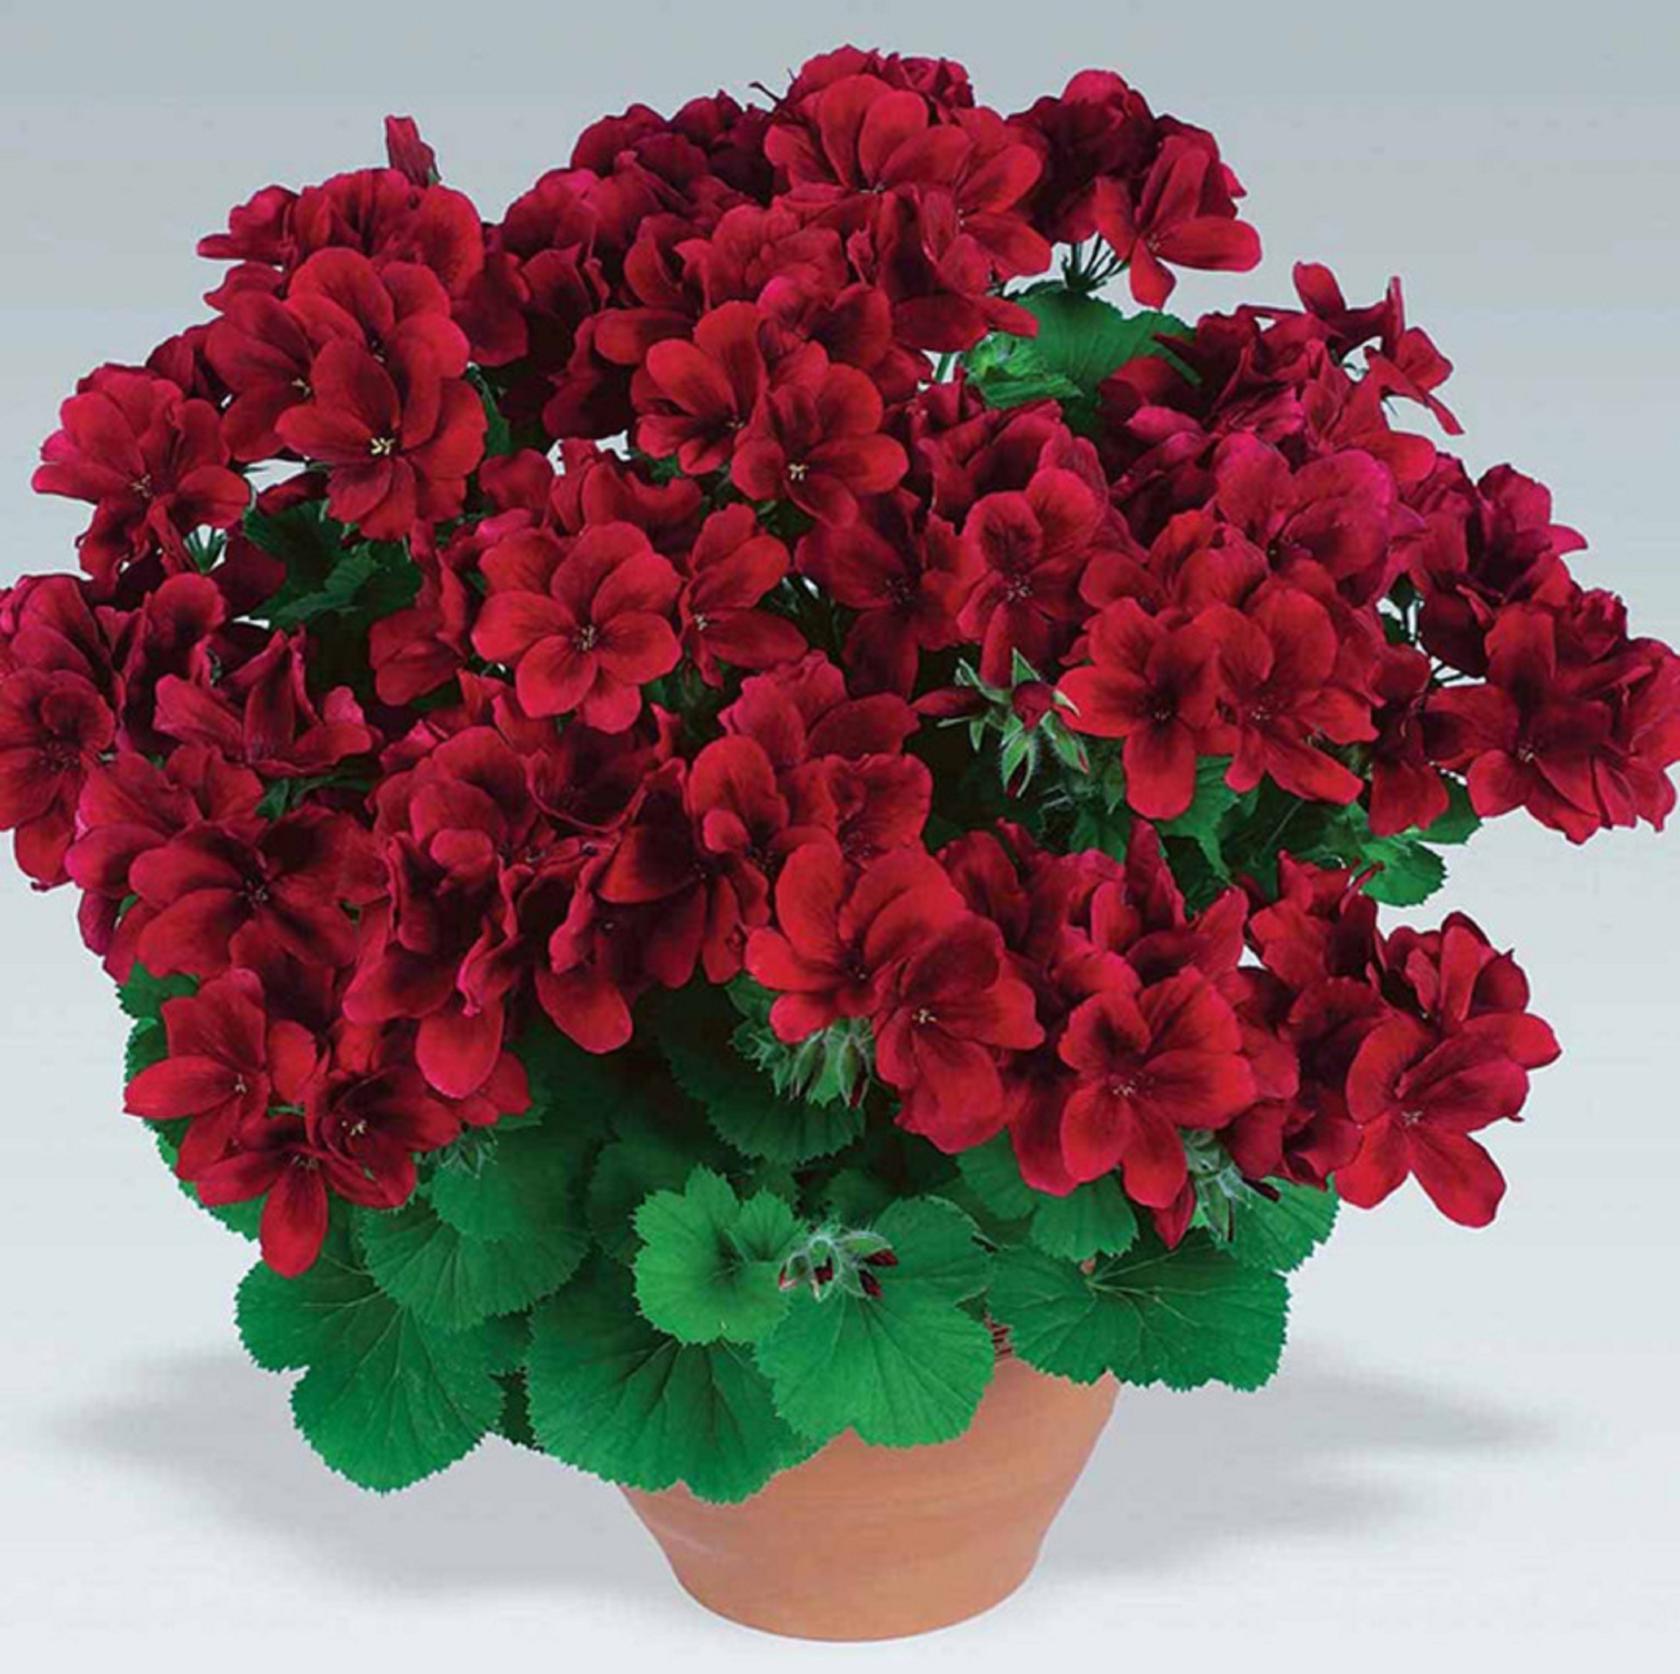 Герани (пеларгонии) красная и малиновая